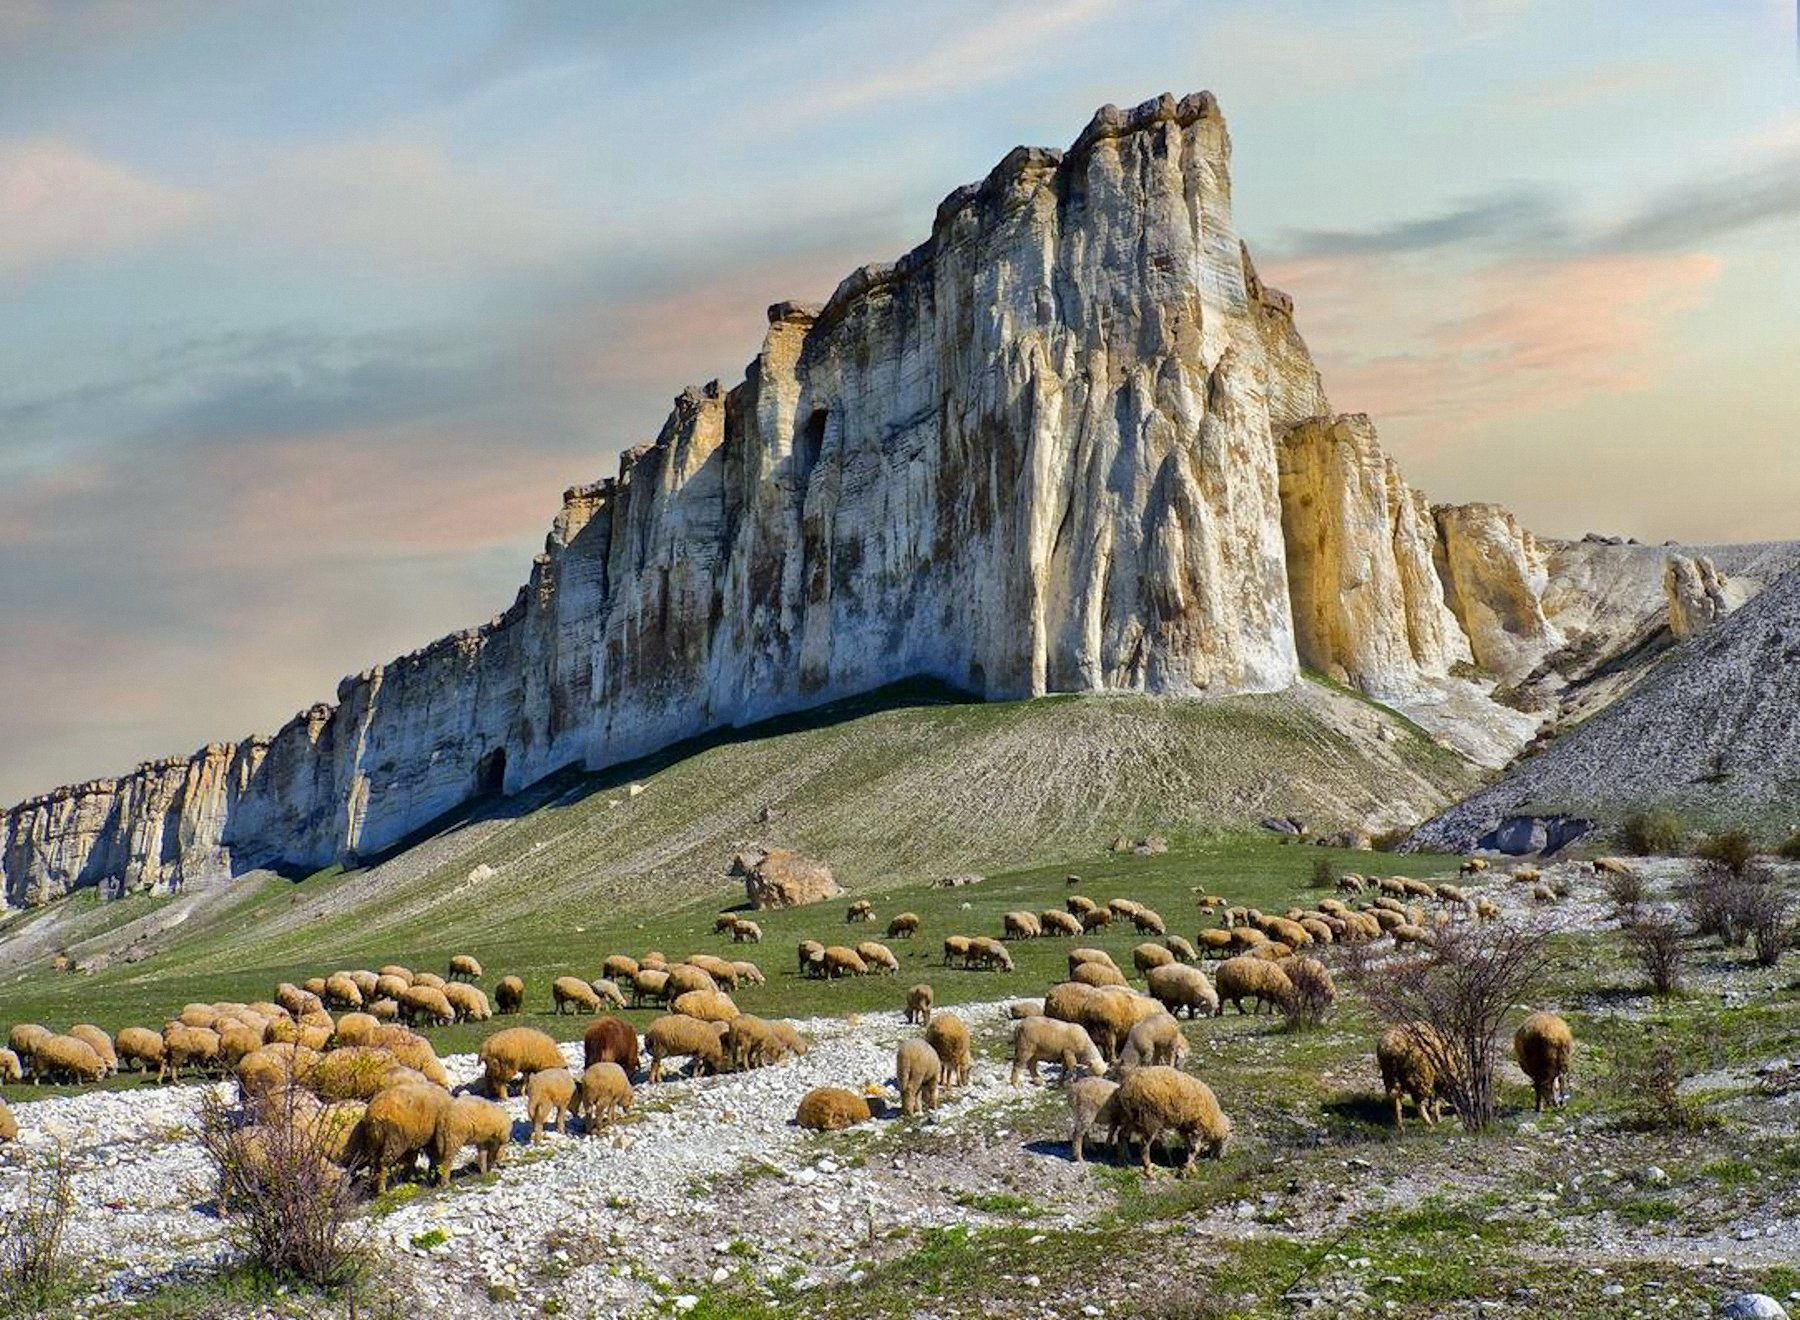 00 Valentin Kovalenko. White Rock, Crimea. 2015